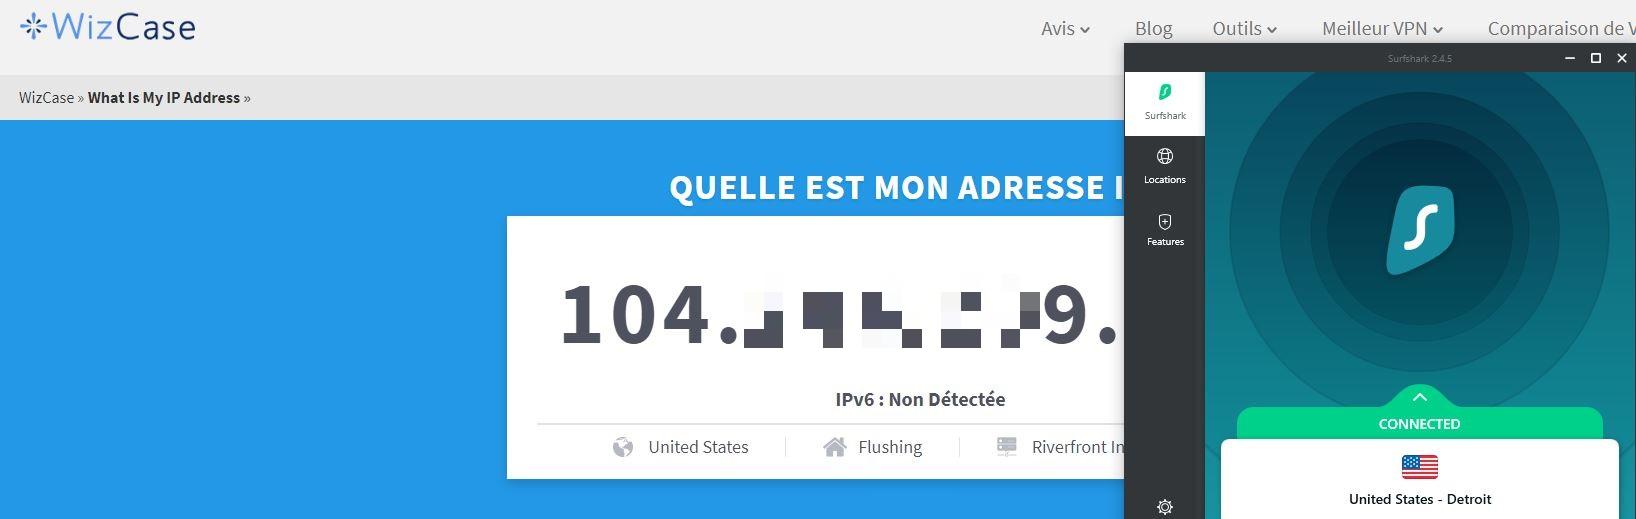 Outil Wizcase: quelle est mon adresse IP?